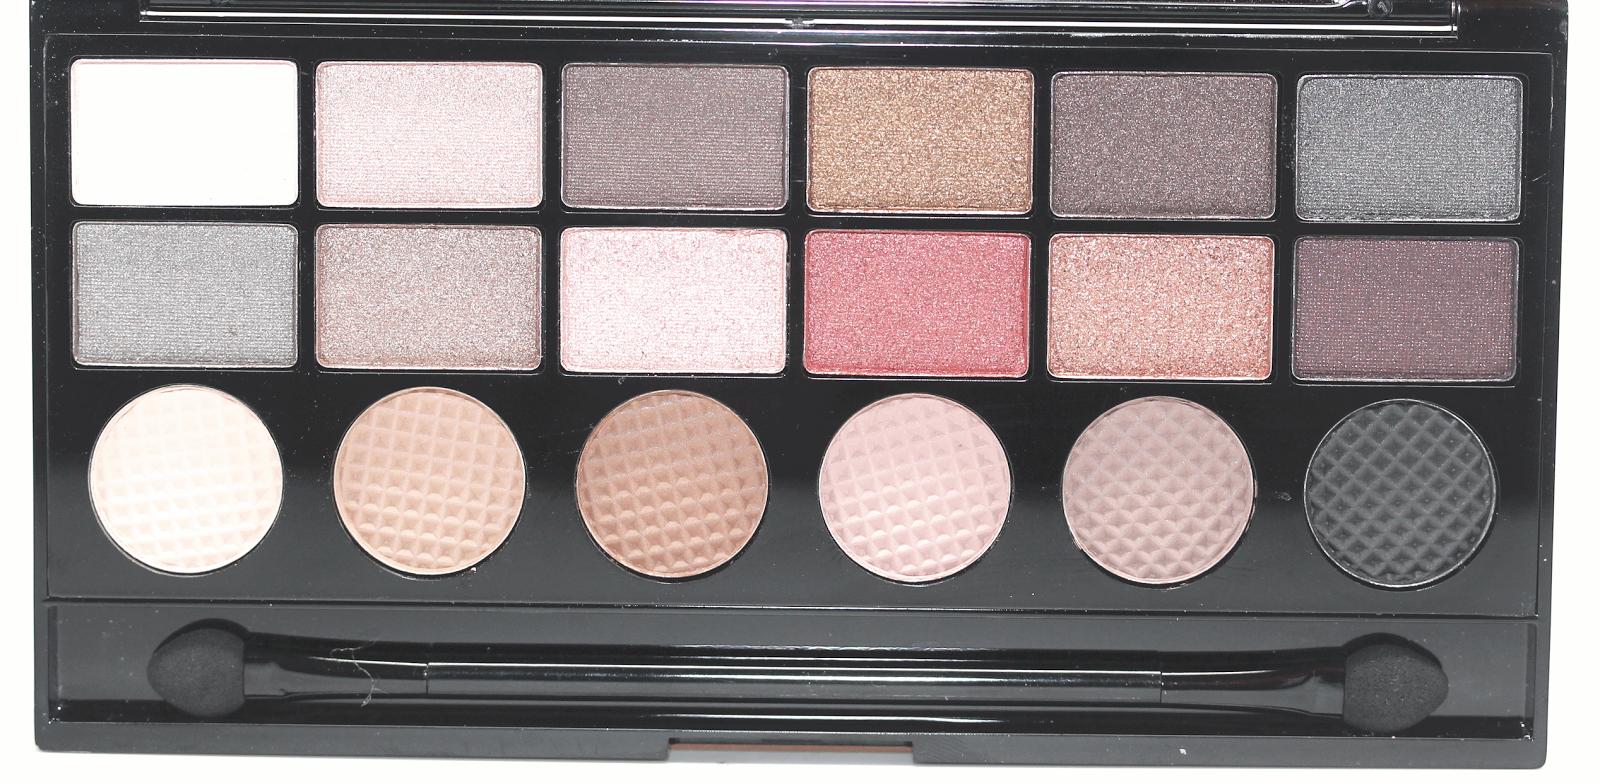 makeup beauty fashion makeup revolution salvation. Black Bedroom Furniture Sets. Home Design Ideas